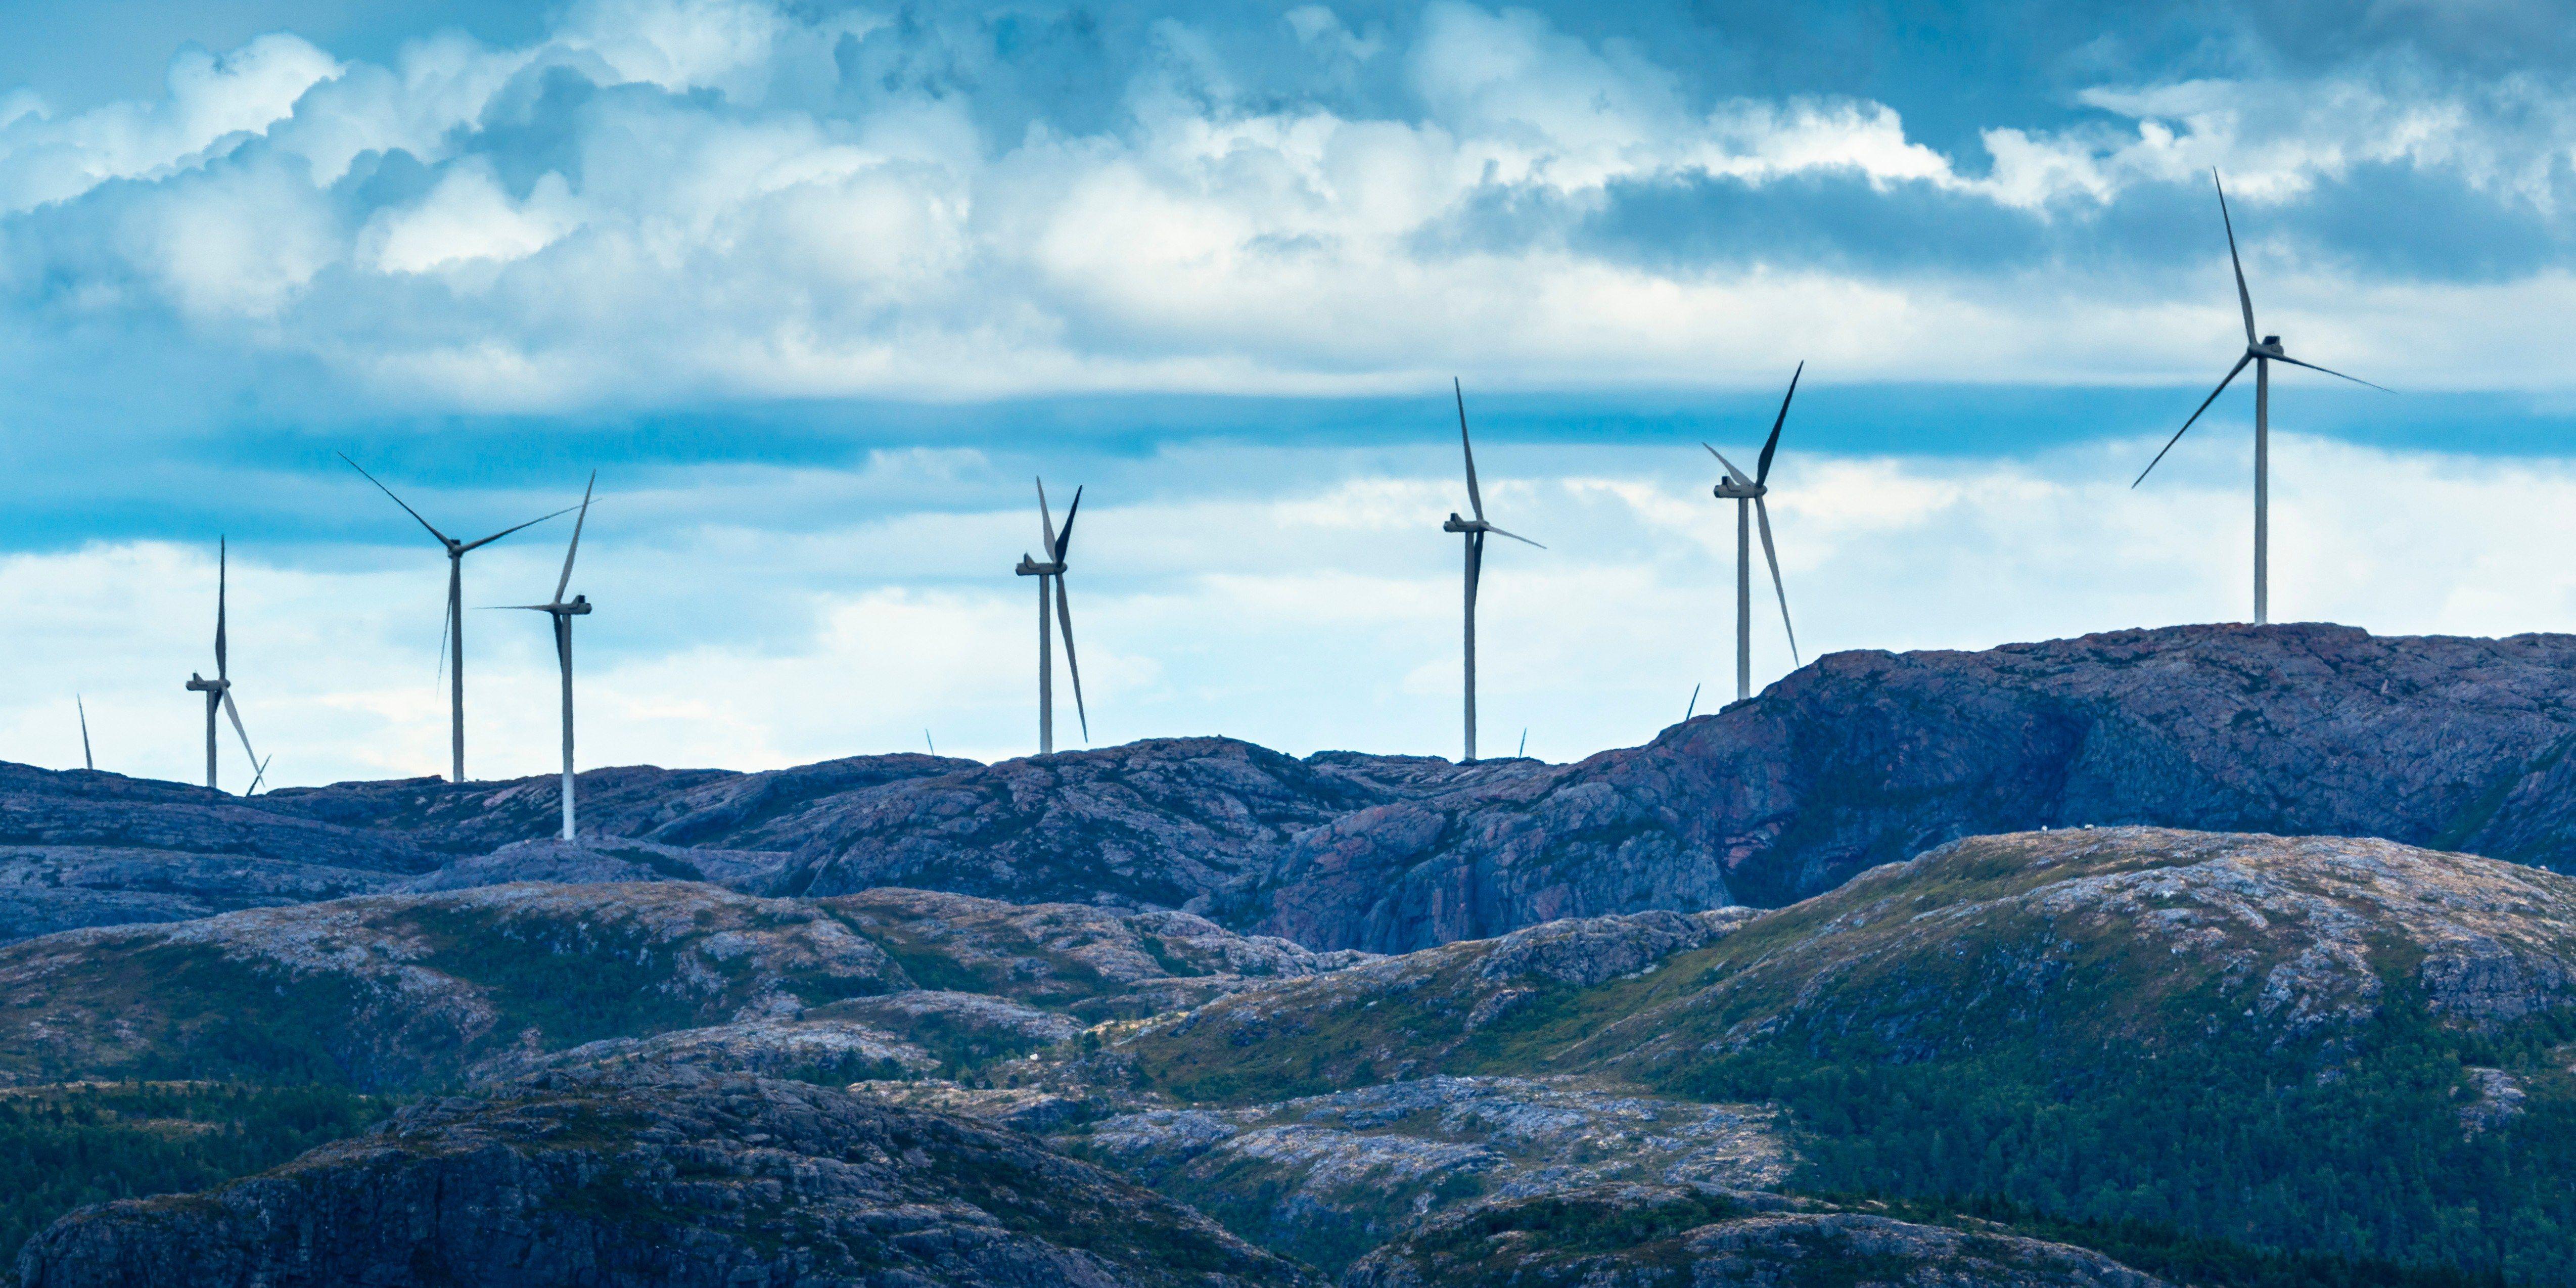 Bilde av vindmøller i et fjellandsskap